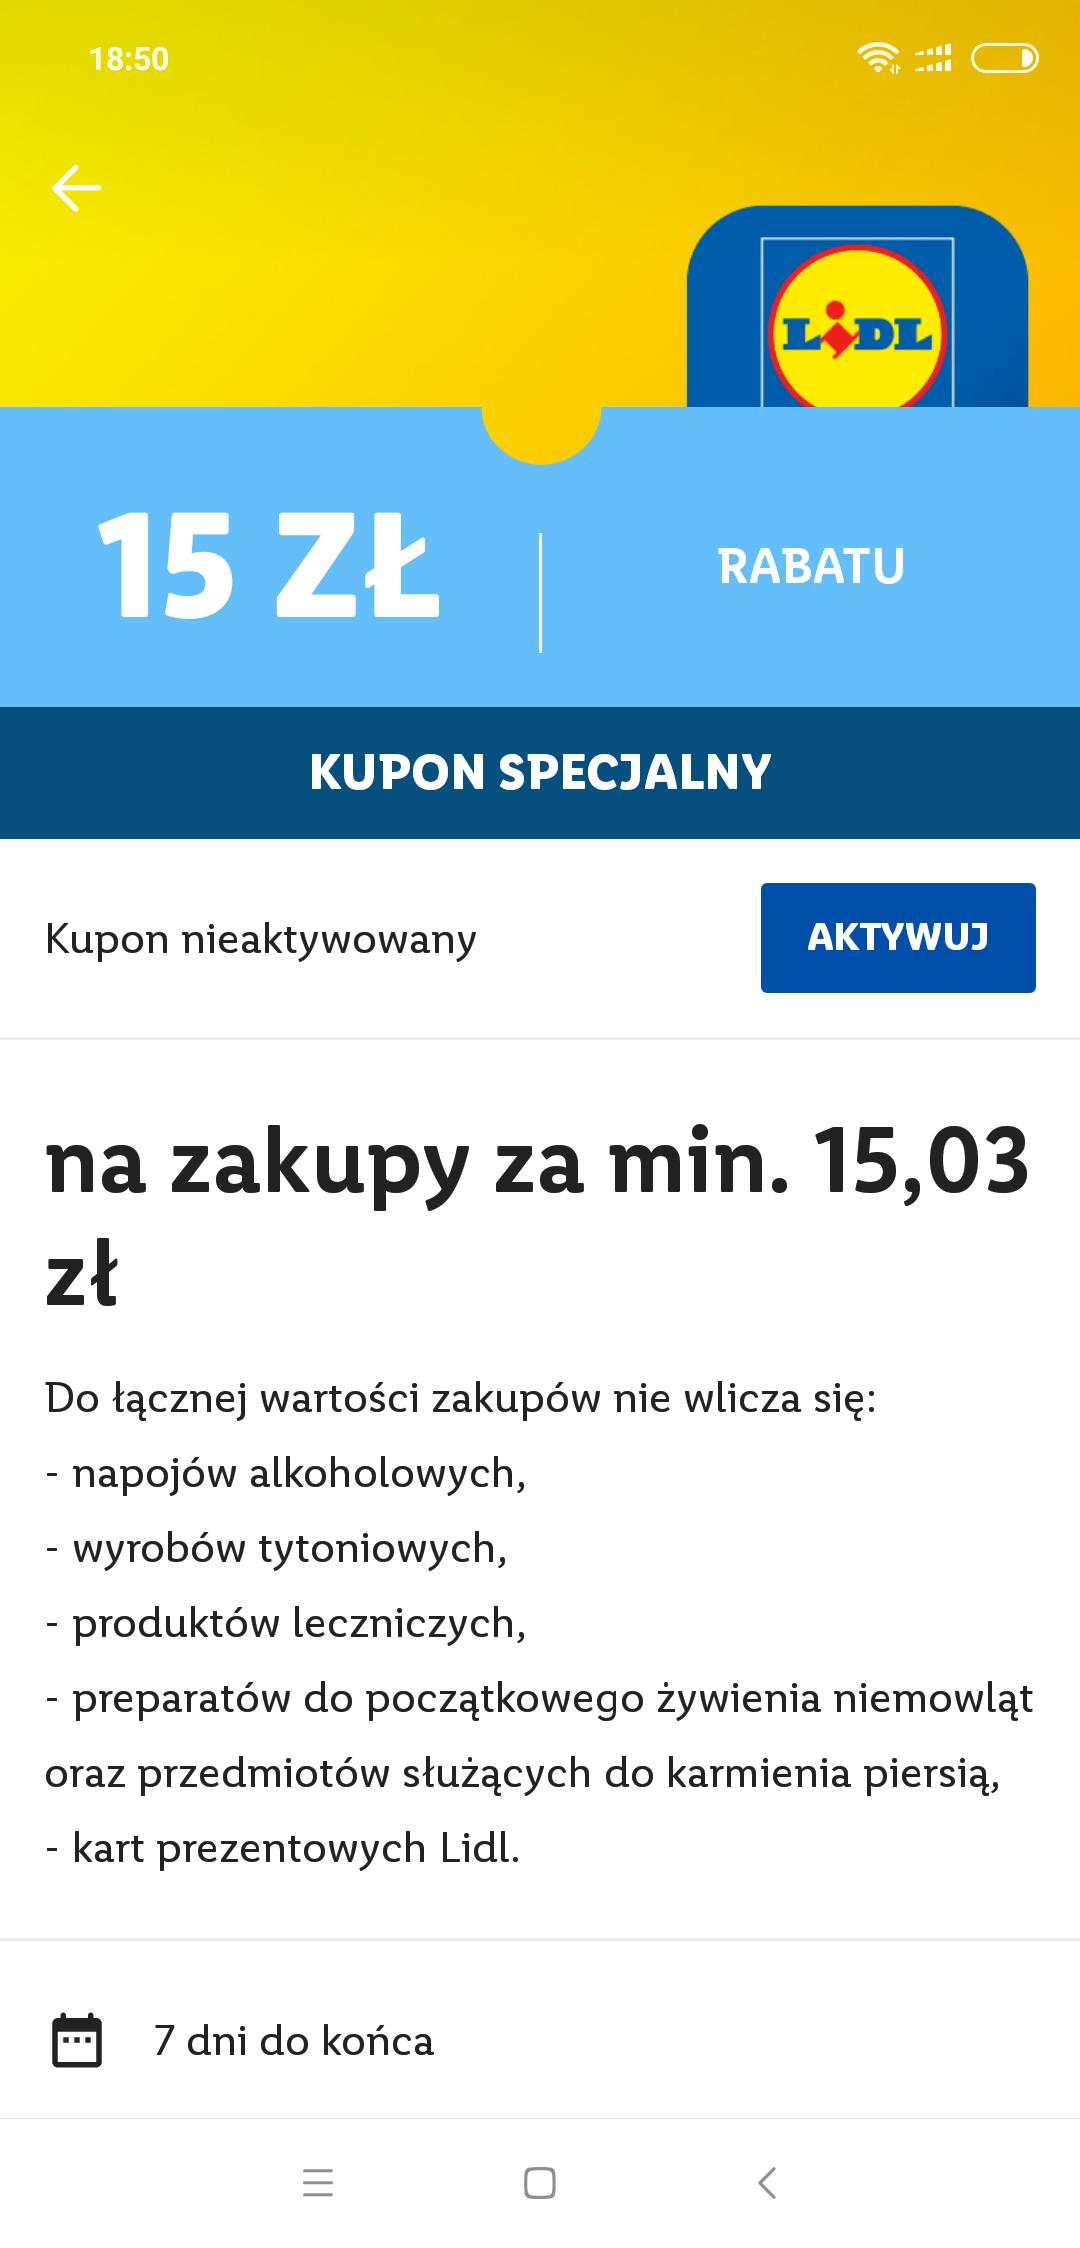 Kupon 15/15,03 w Lidlu dla tych, którzy nie wykorzystali kuponu na piwo